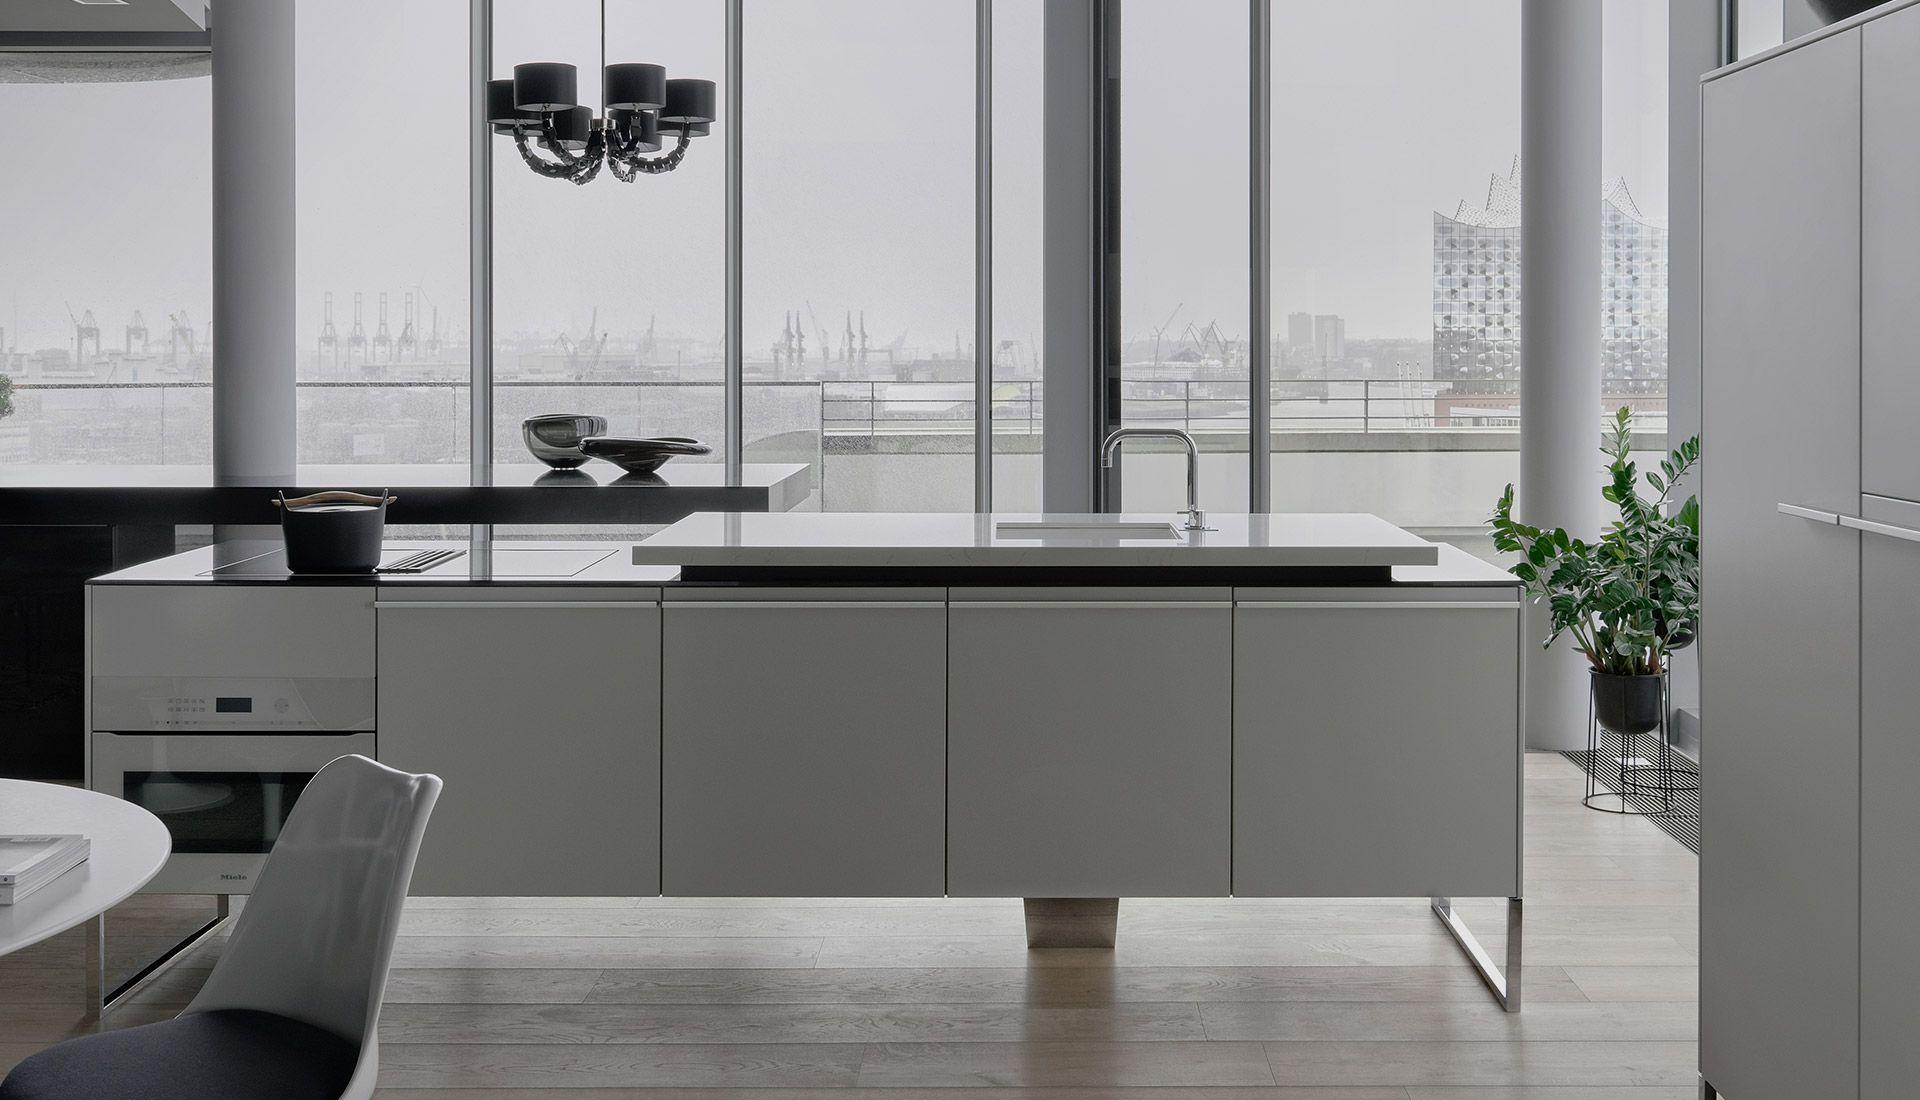 7 x 7 küchendesign küche venovo von poggenpohl  individuelles küchendesign luxury